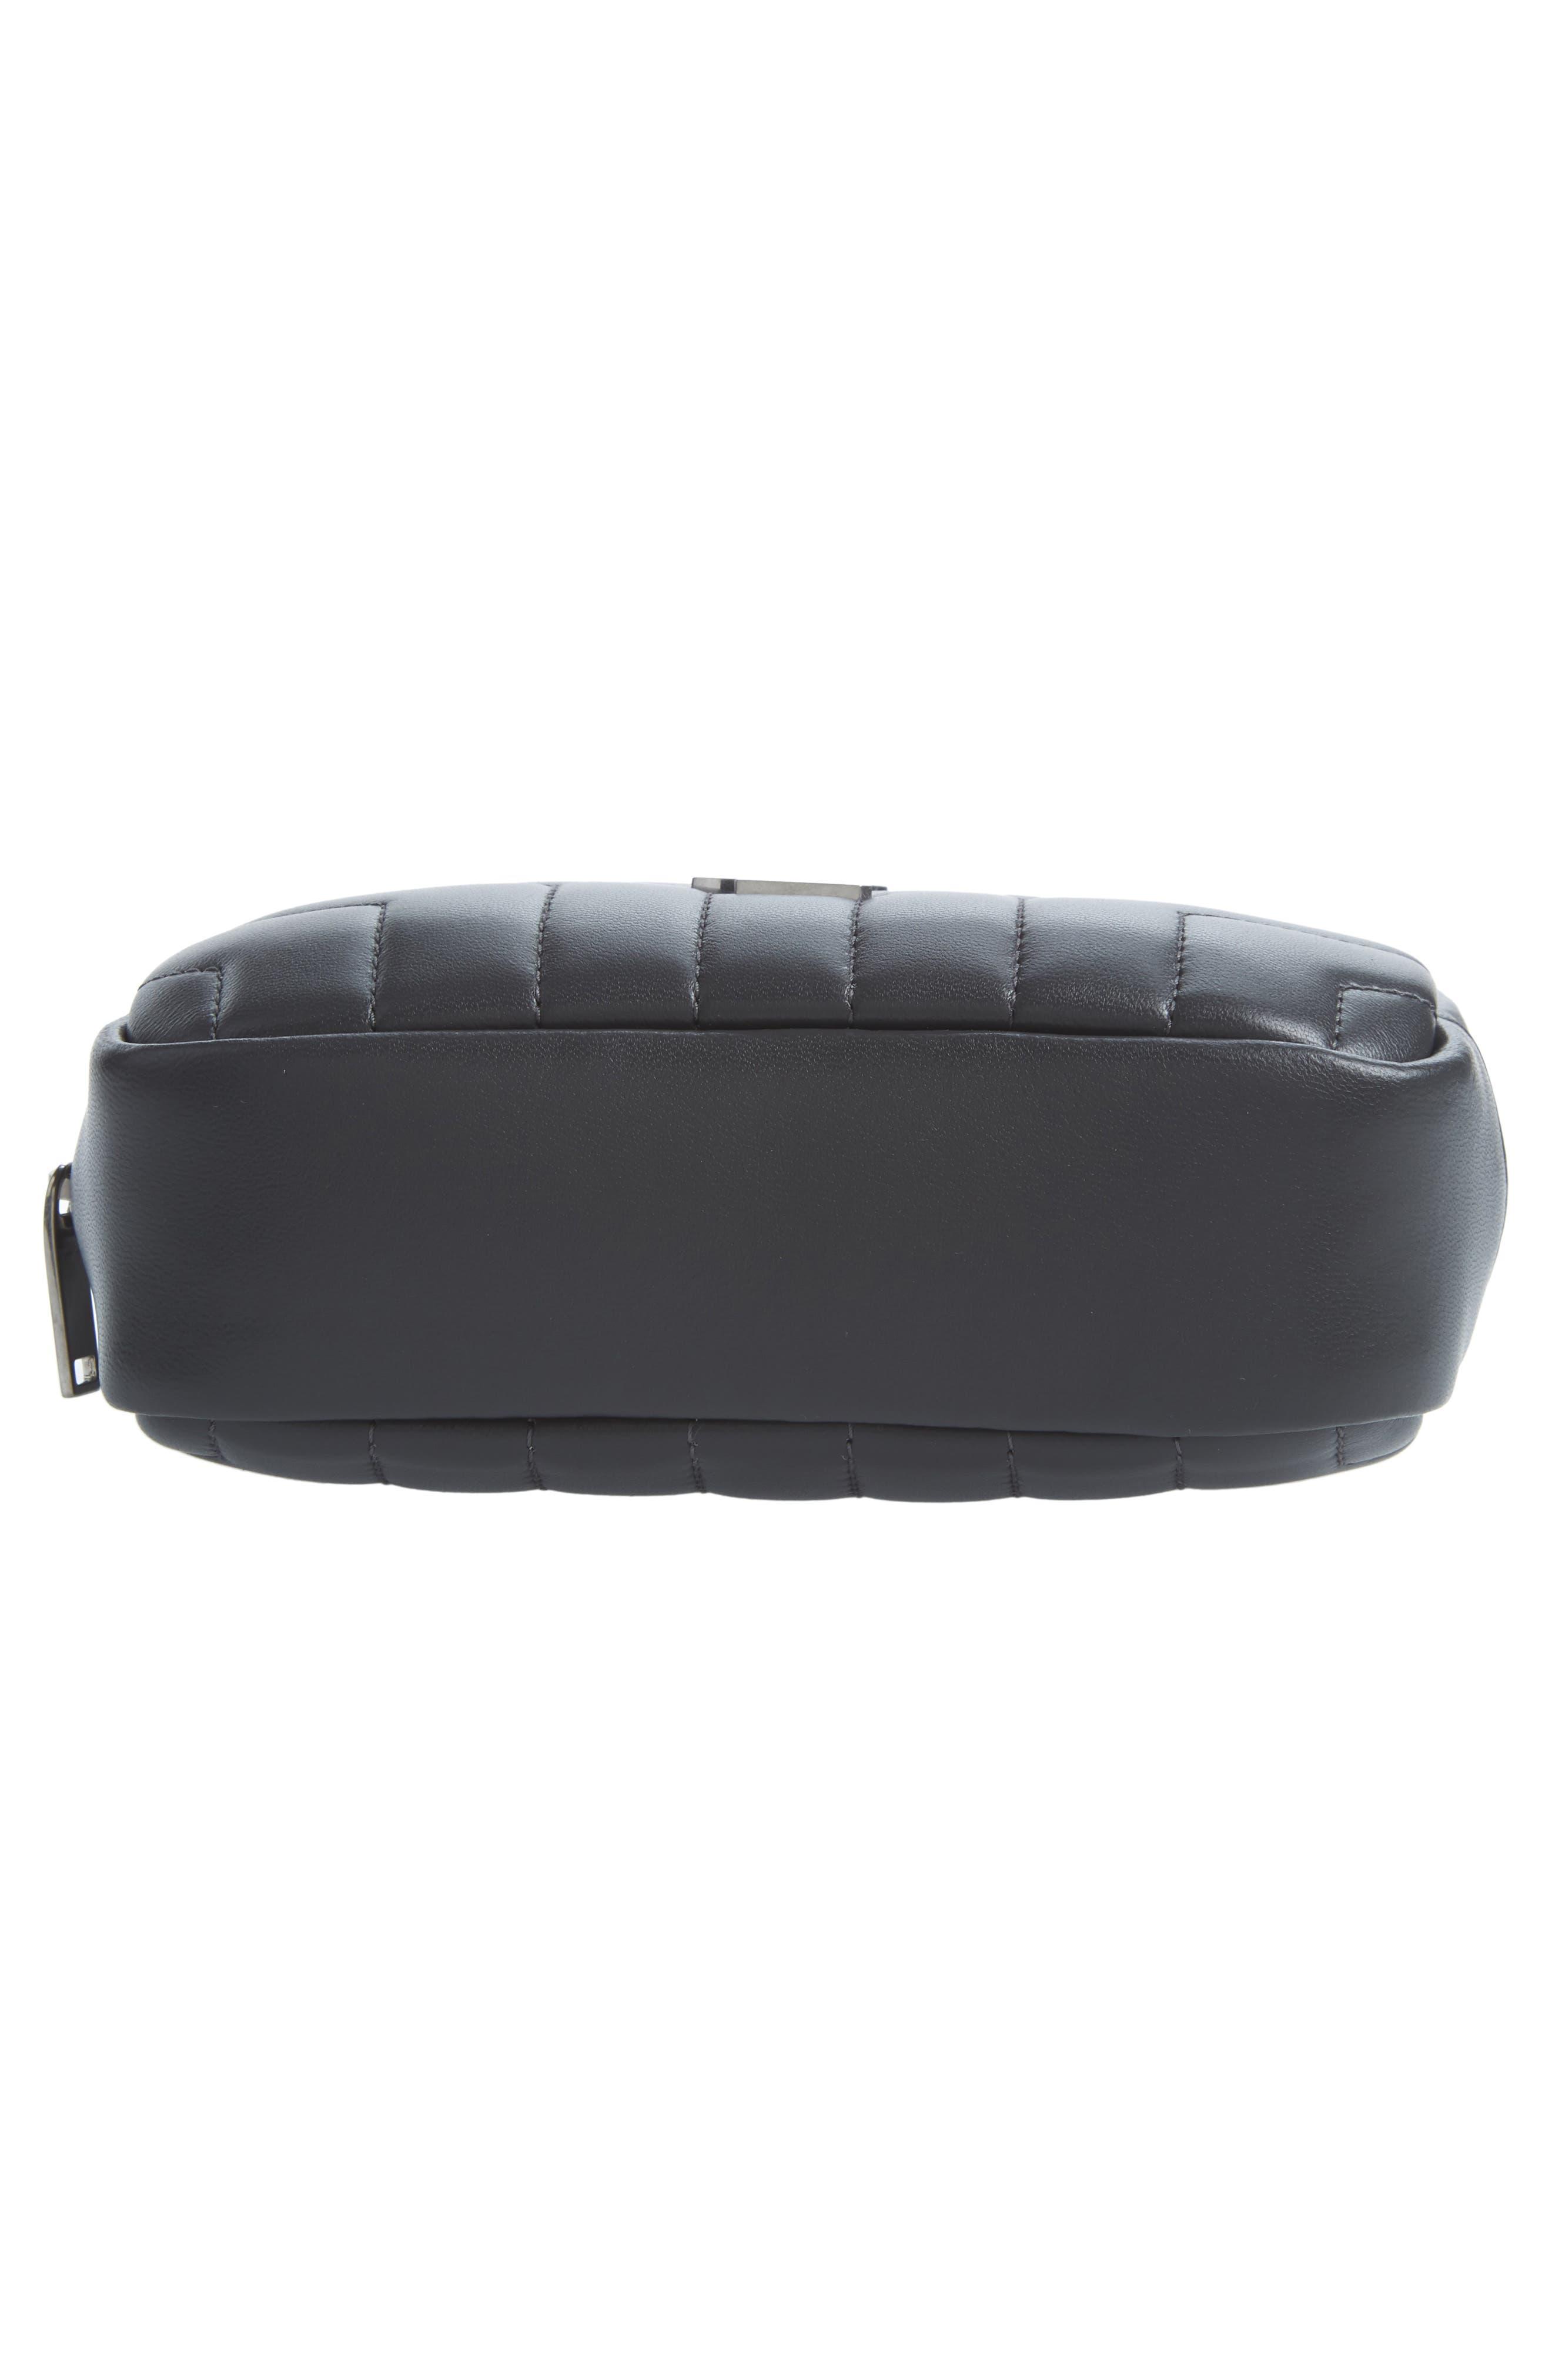 Loulou Matelassé Leather Cosmetics Bag,                             Alternate thumbnail 4, color,                             Storm